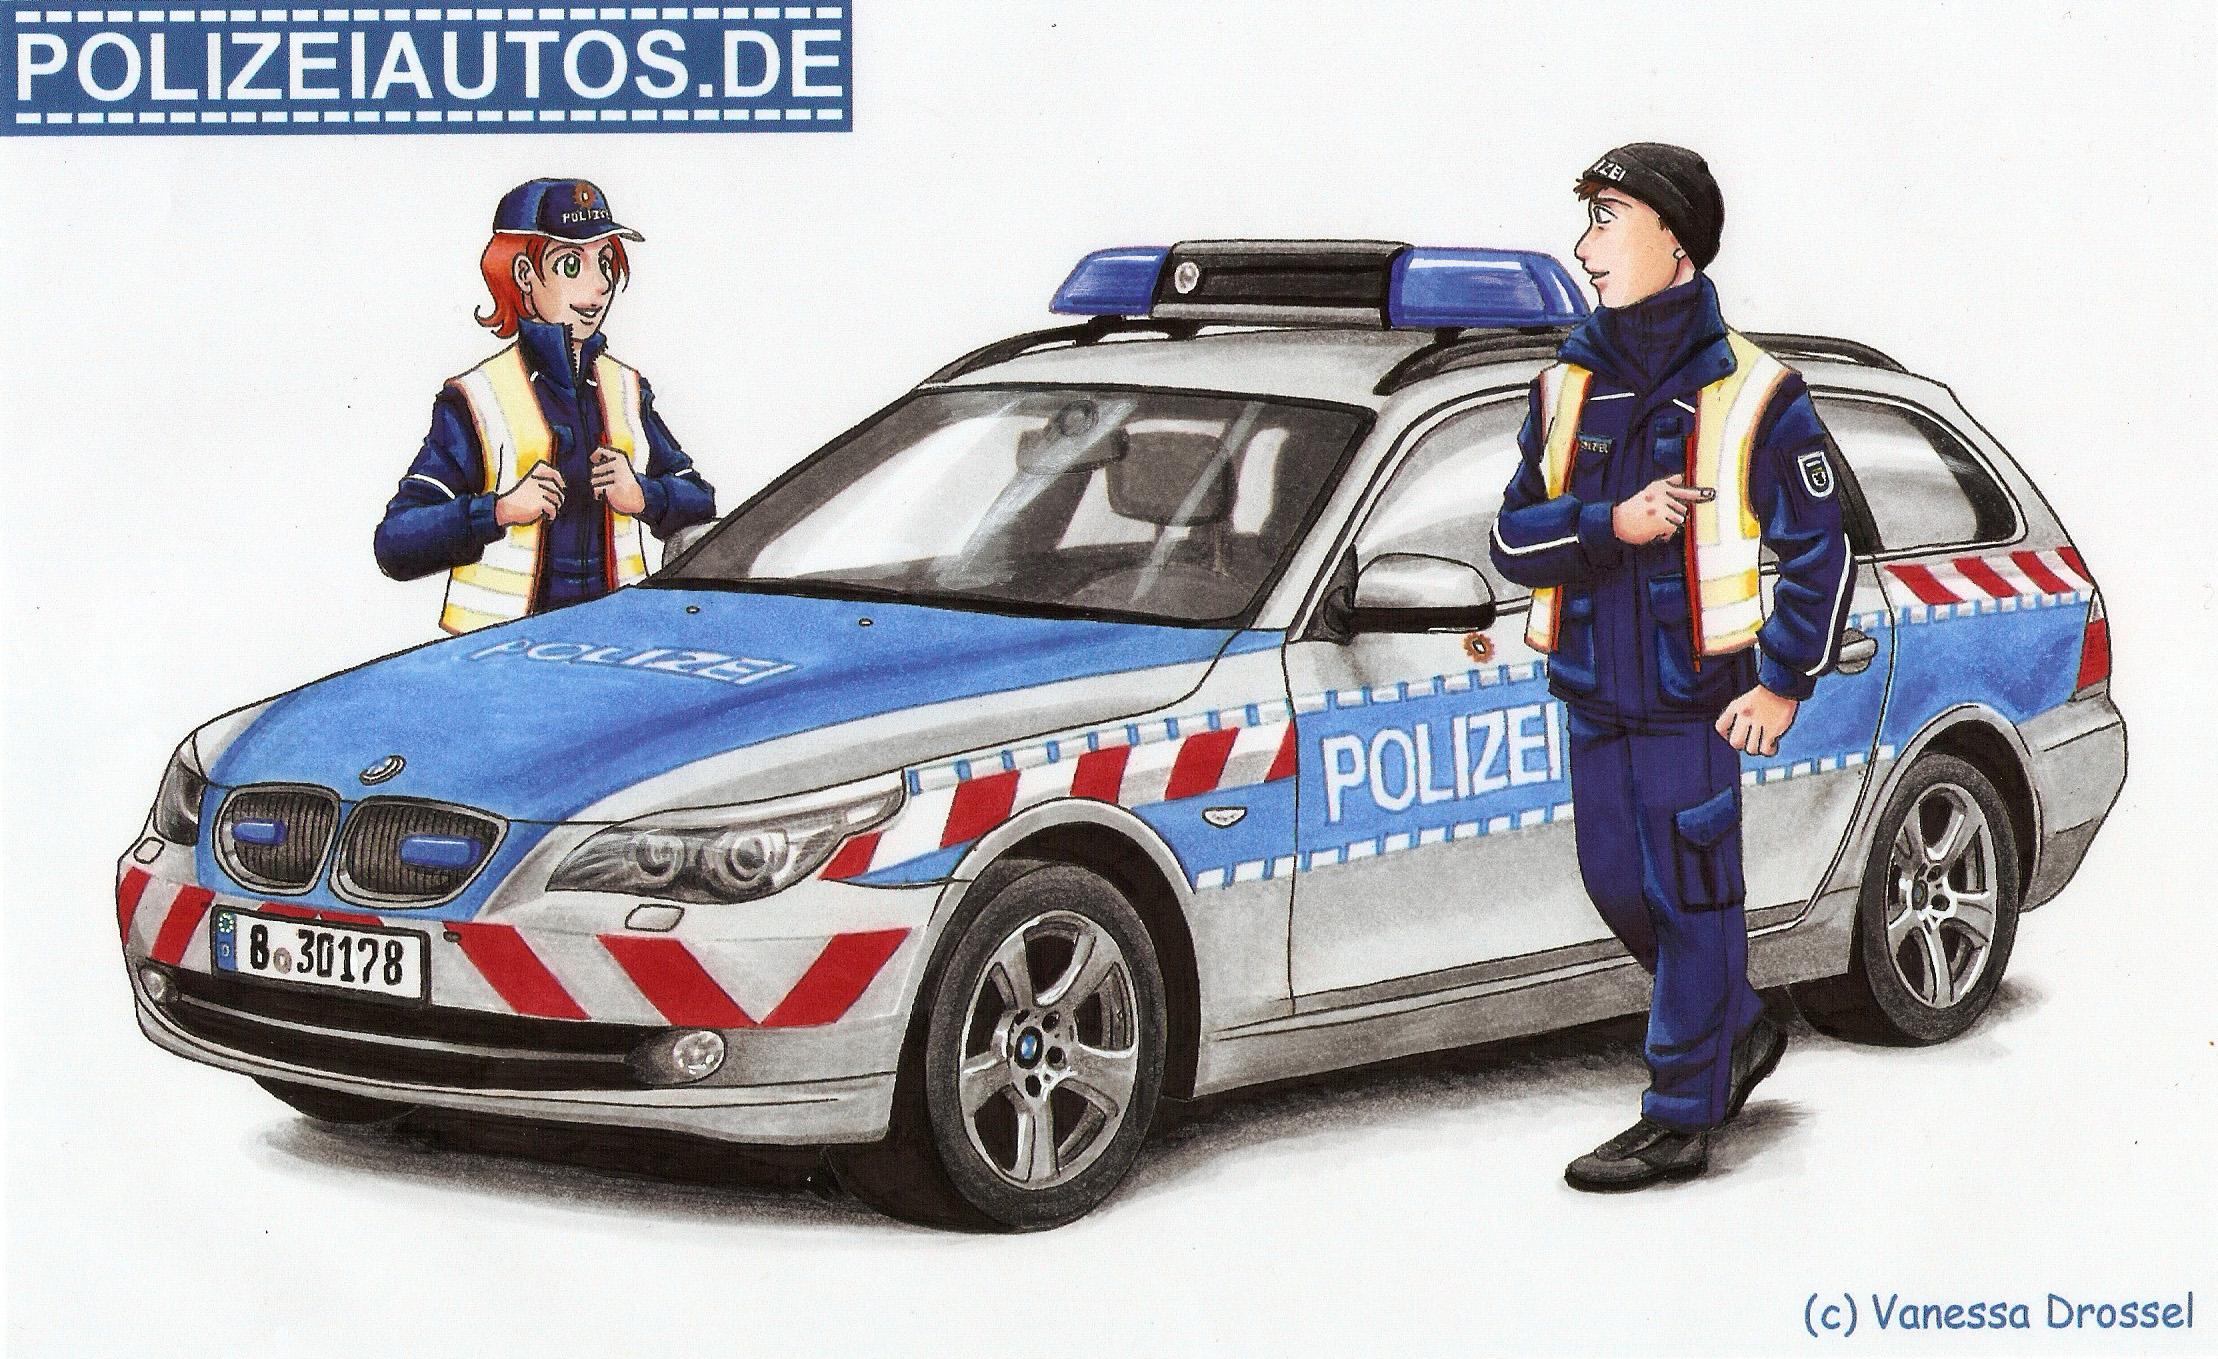 Polizeiautos.de